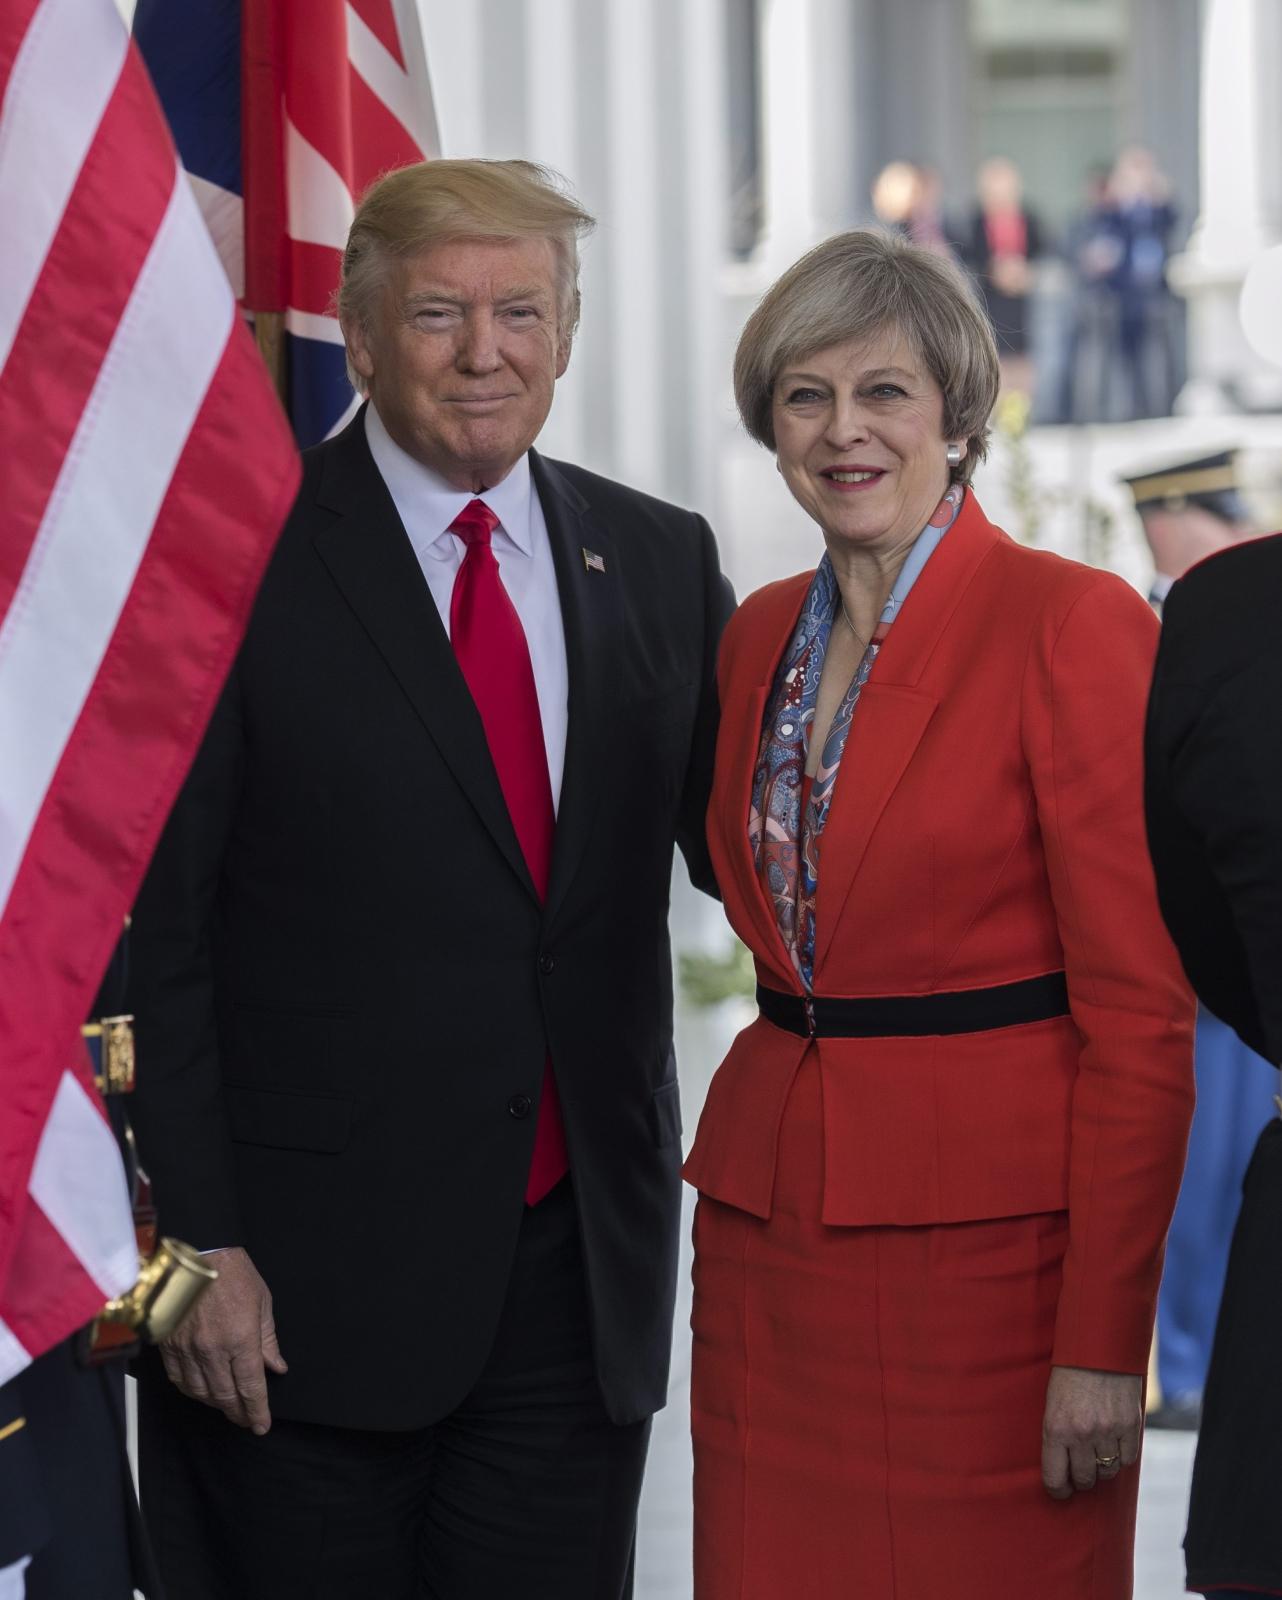 Spotkanie prezydenta USA Donalda Trumpa z premier Wielkiej Brytanii, Theresą May. Fot. PAP/EPA/SHAWN THEW